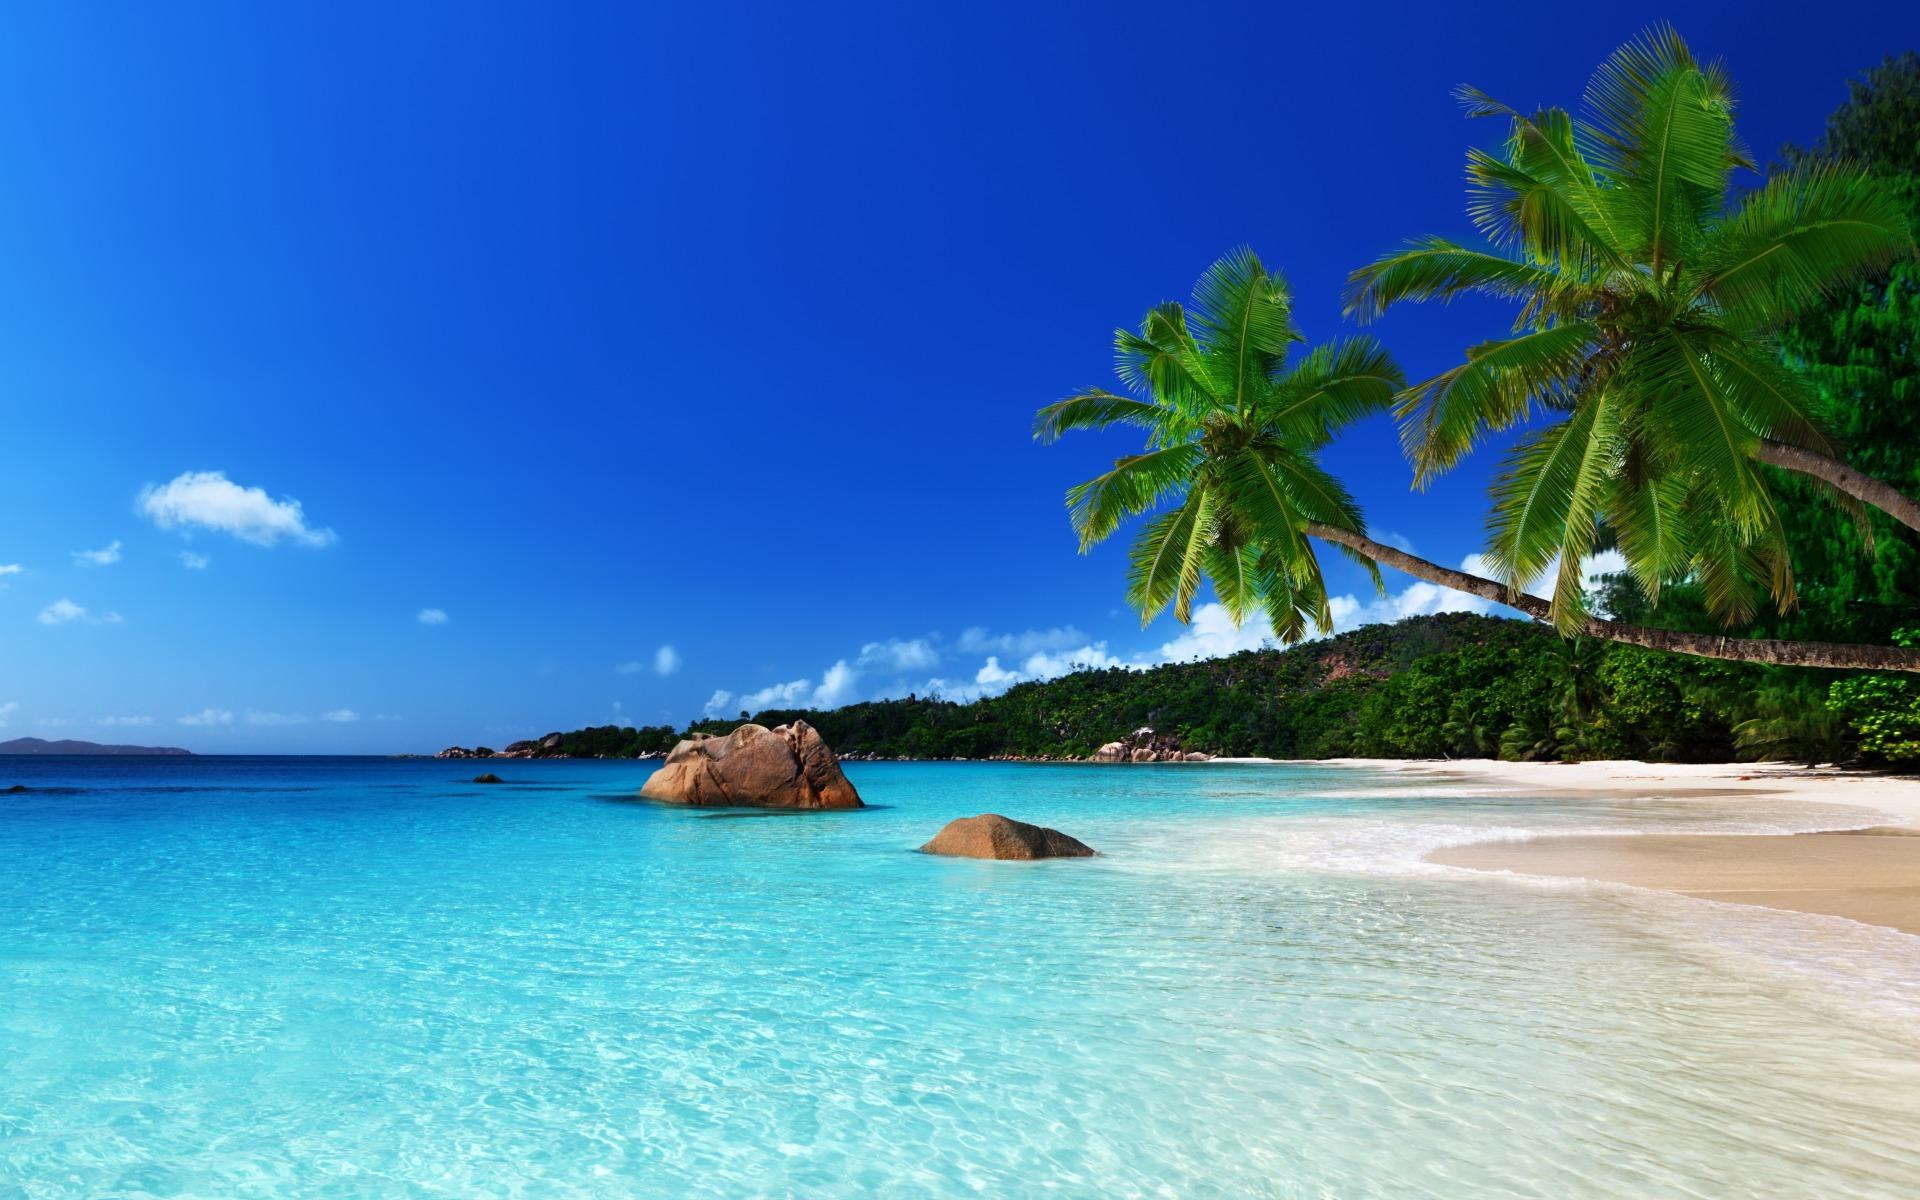 красивые пляжи обои на рабочий стол № 1104561 бесплатно